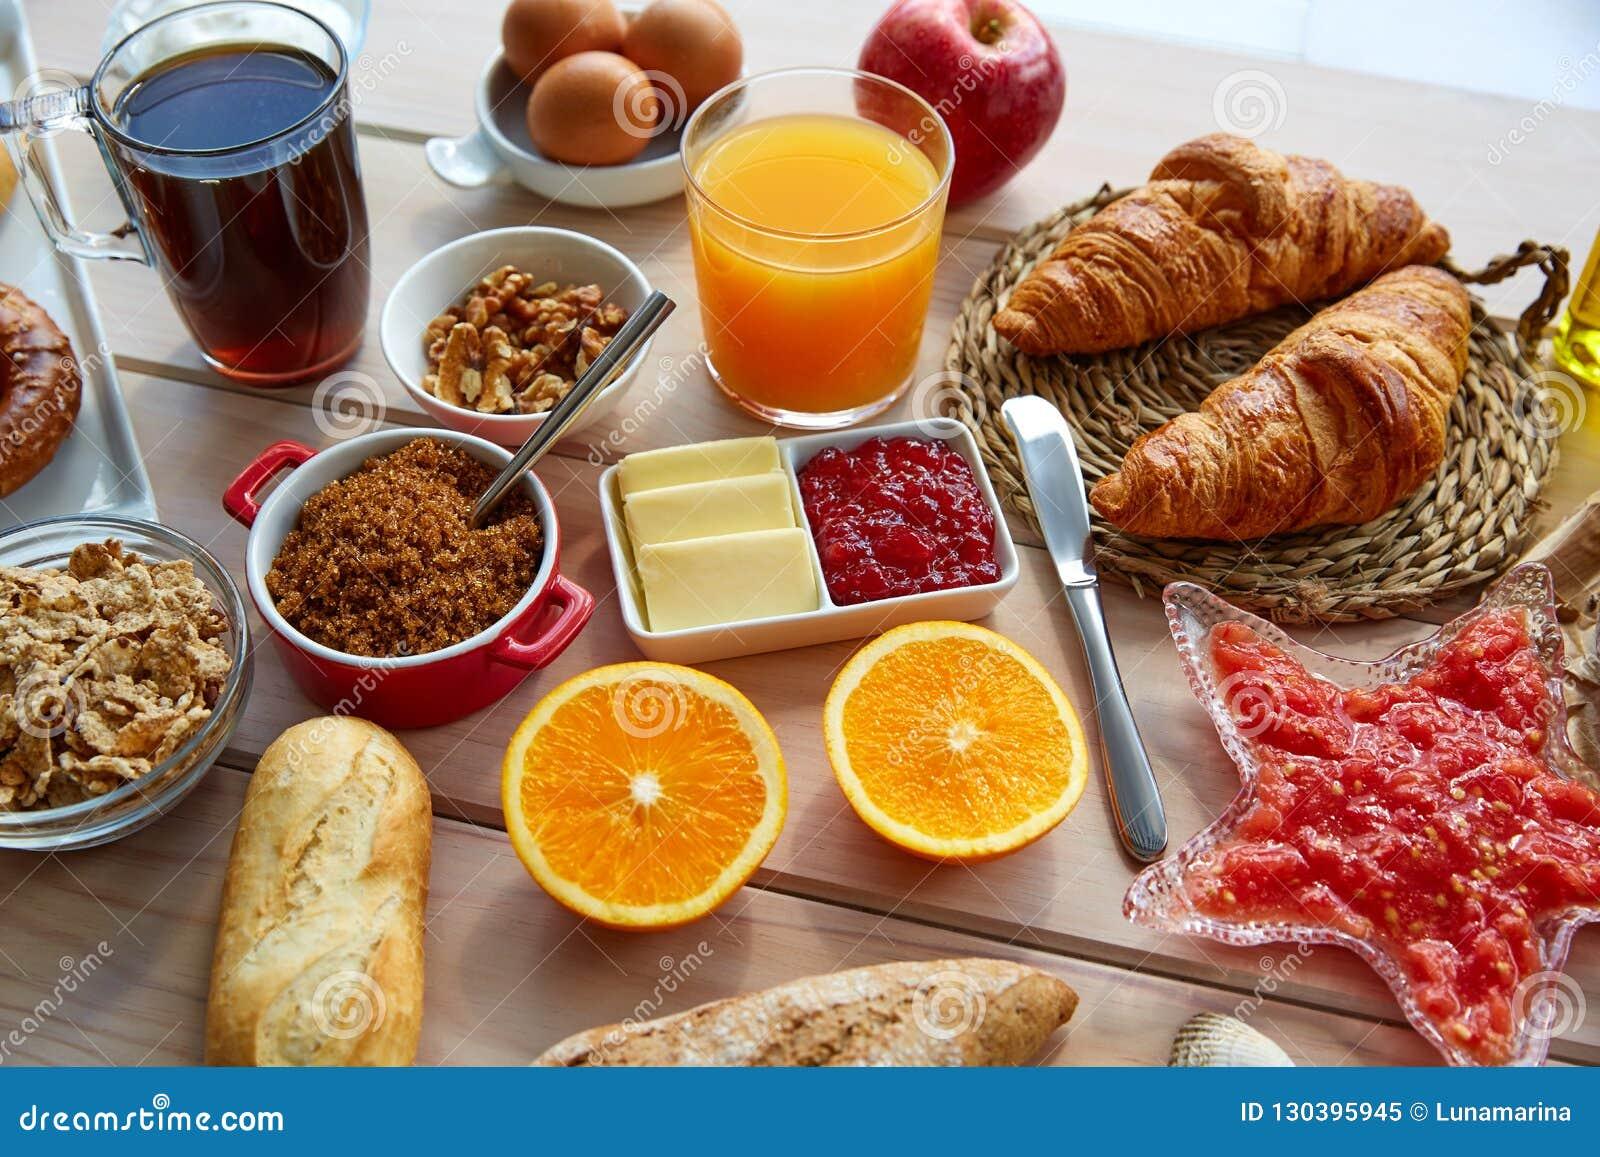 Hilo Chat para hablar de todo. - Página 3 Desayuno-continental-del-buffet-con-caf%C3%A9-130395945